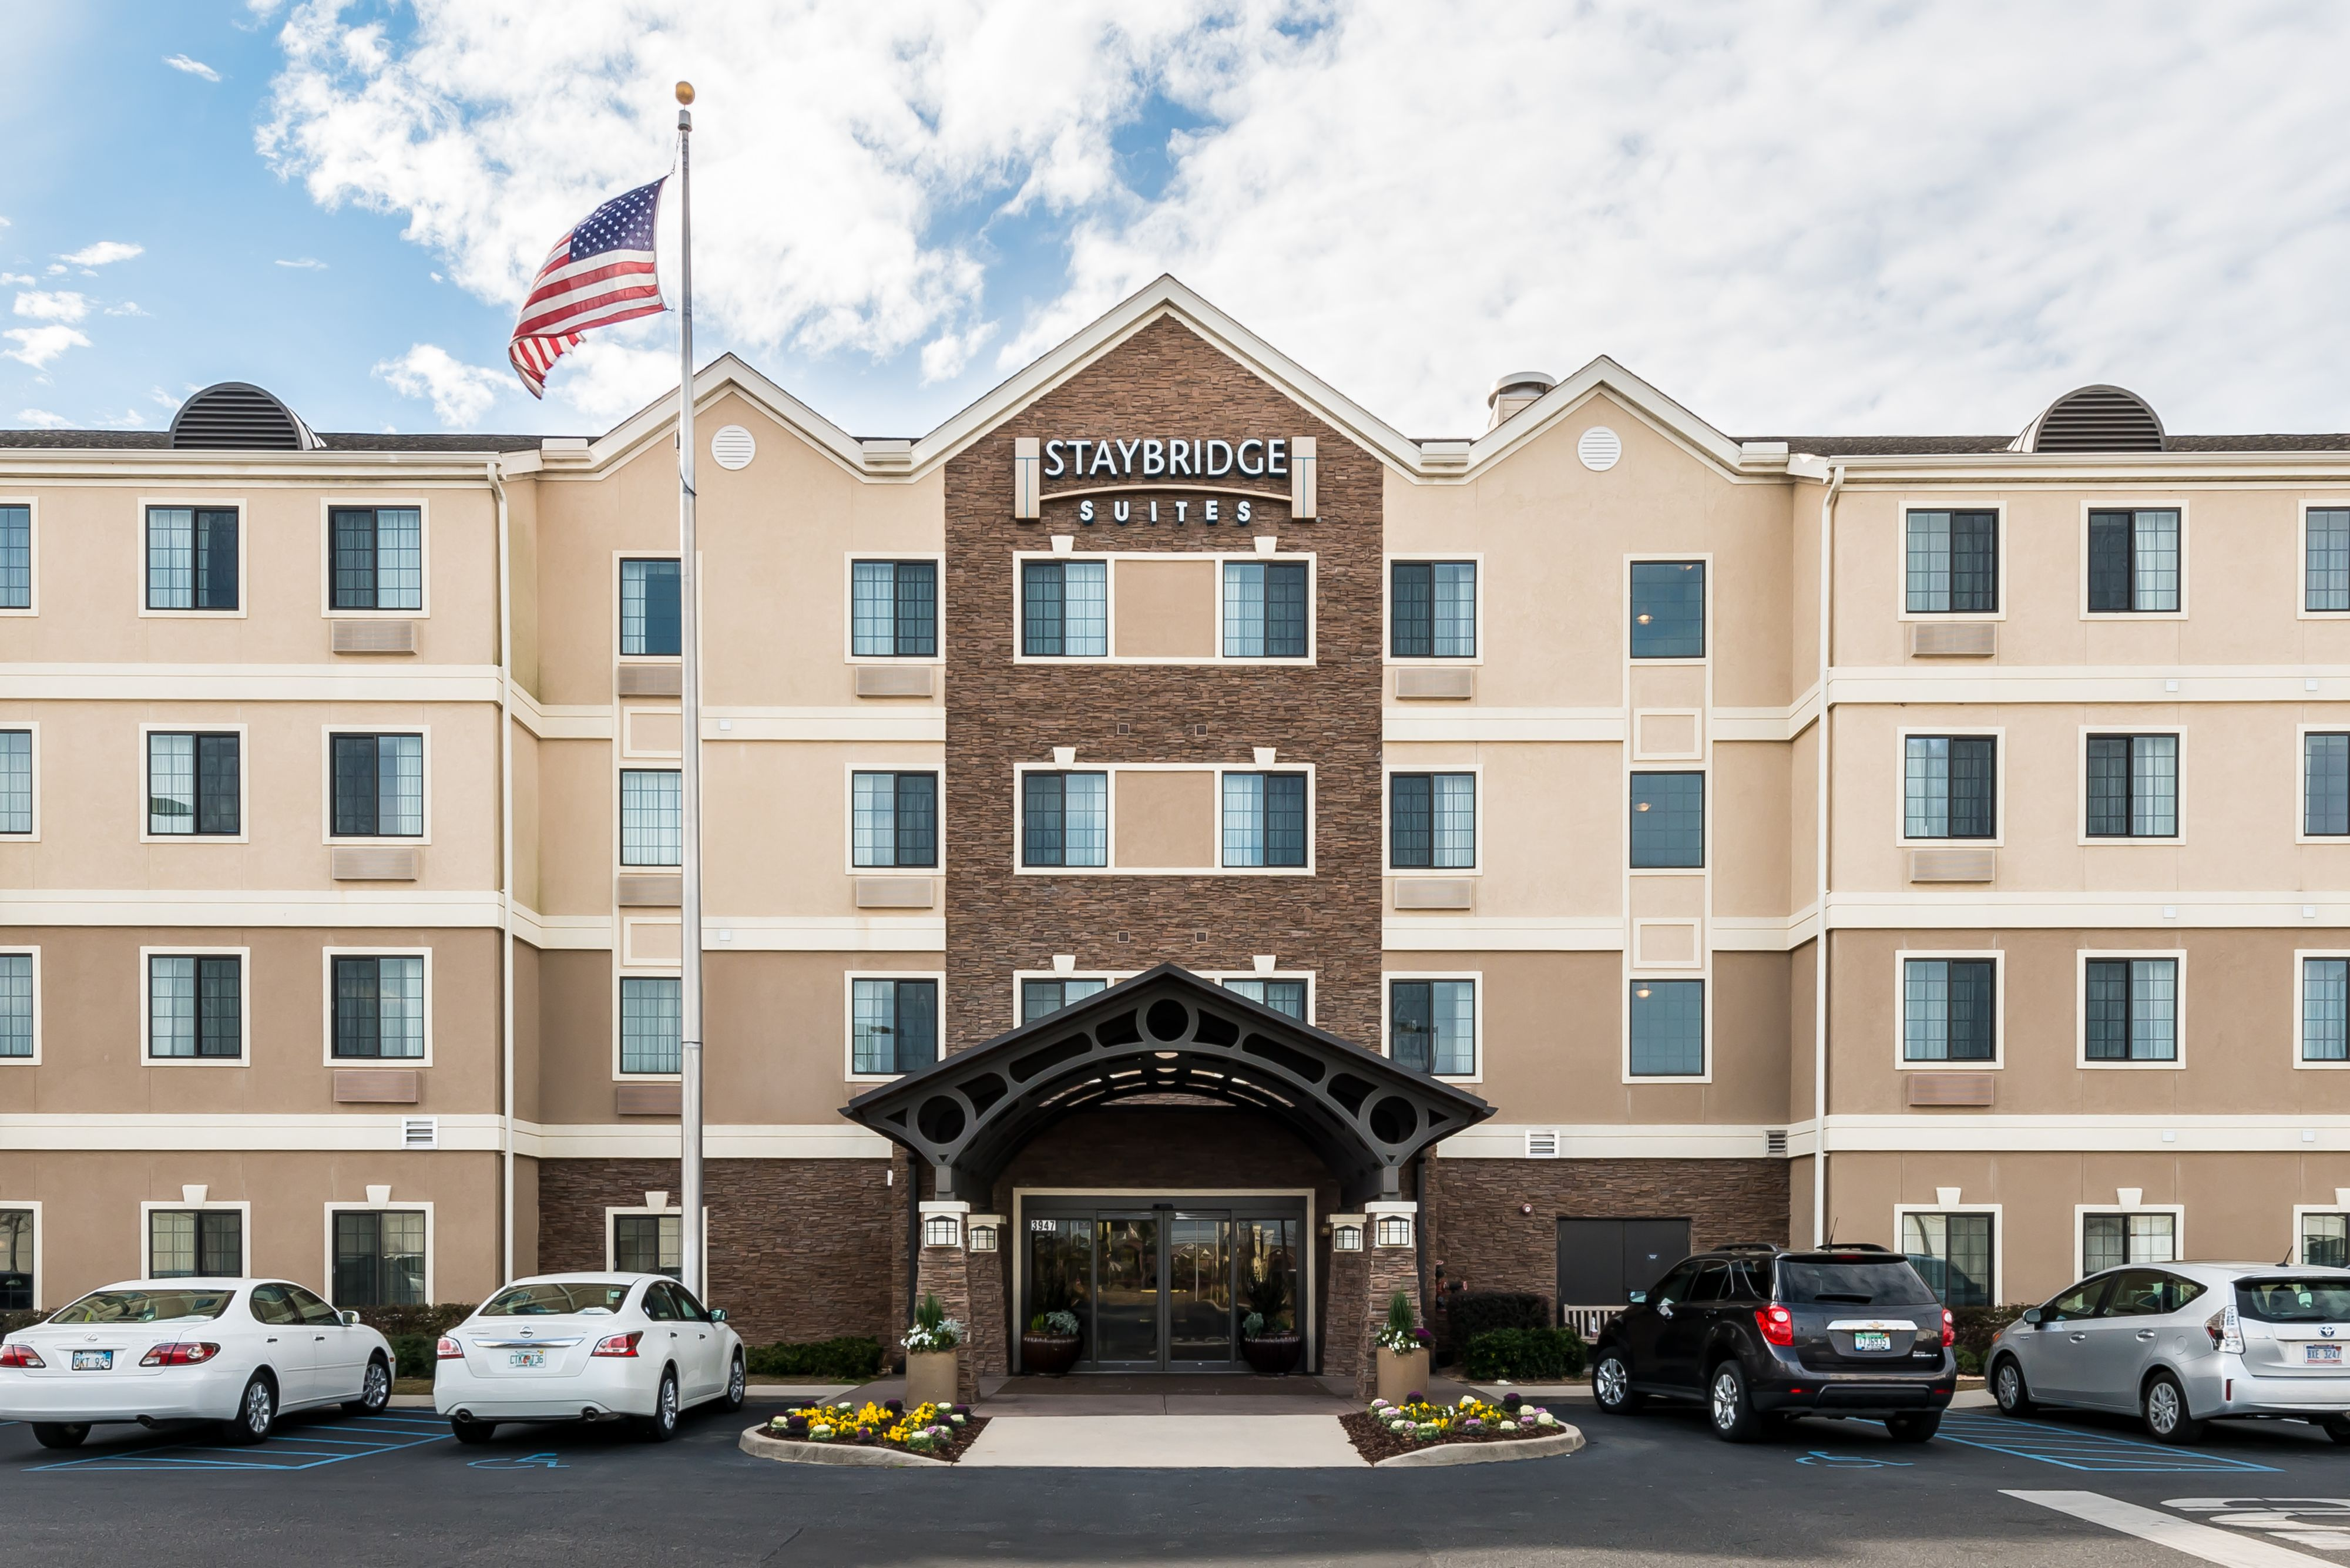 Staybridge Suites Gulf Shores image 5